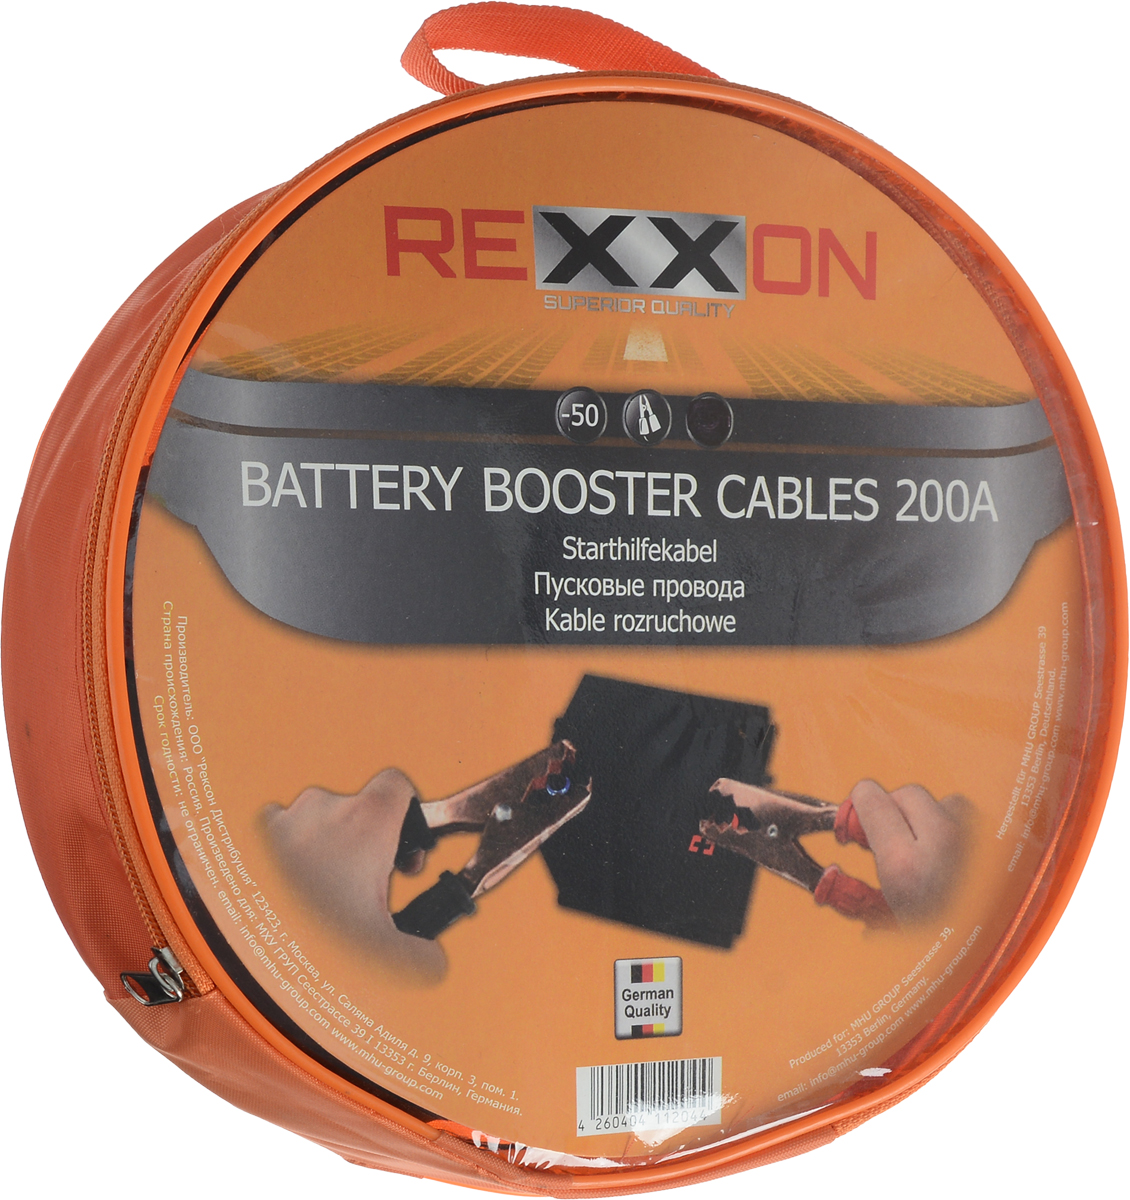 Провода вспомогательного запуска Rexxon Стандарт, 200 А, 1,8 м2012506200424Провода вспомогательного запуска Rexxon Стандарт необходимы в экстренных ситуациях, когда АКБ транспортного средства находится в разряженном состоянии, зарядно-пусковое устройство недоступно и запускать двигатель за счет буксировки нельзя. Провода изготовлены по ГОСТУ 37.001.052-2000. Медный провод в резиновой изоляции. Морозостойкий и эластичный. Минимальная температура эксплуатации -50°С. Изолированные ручки зажимов. Провода вспомогательного запуска применяются для запуска двигателей легковых и грузовых автомобилей. Подсоединяются к одноименным клеммам аккумулятора. Длина: 1,8 м. Сила тока: 200 А.